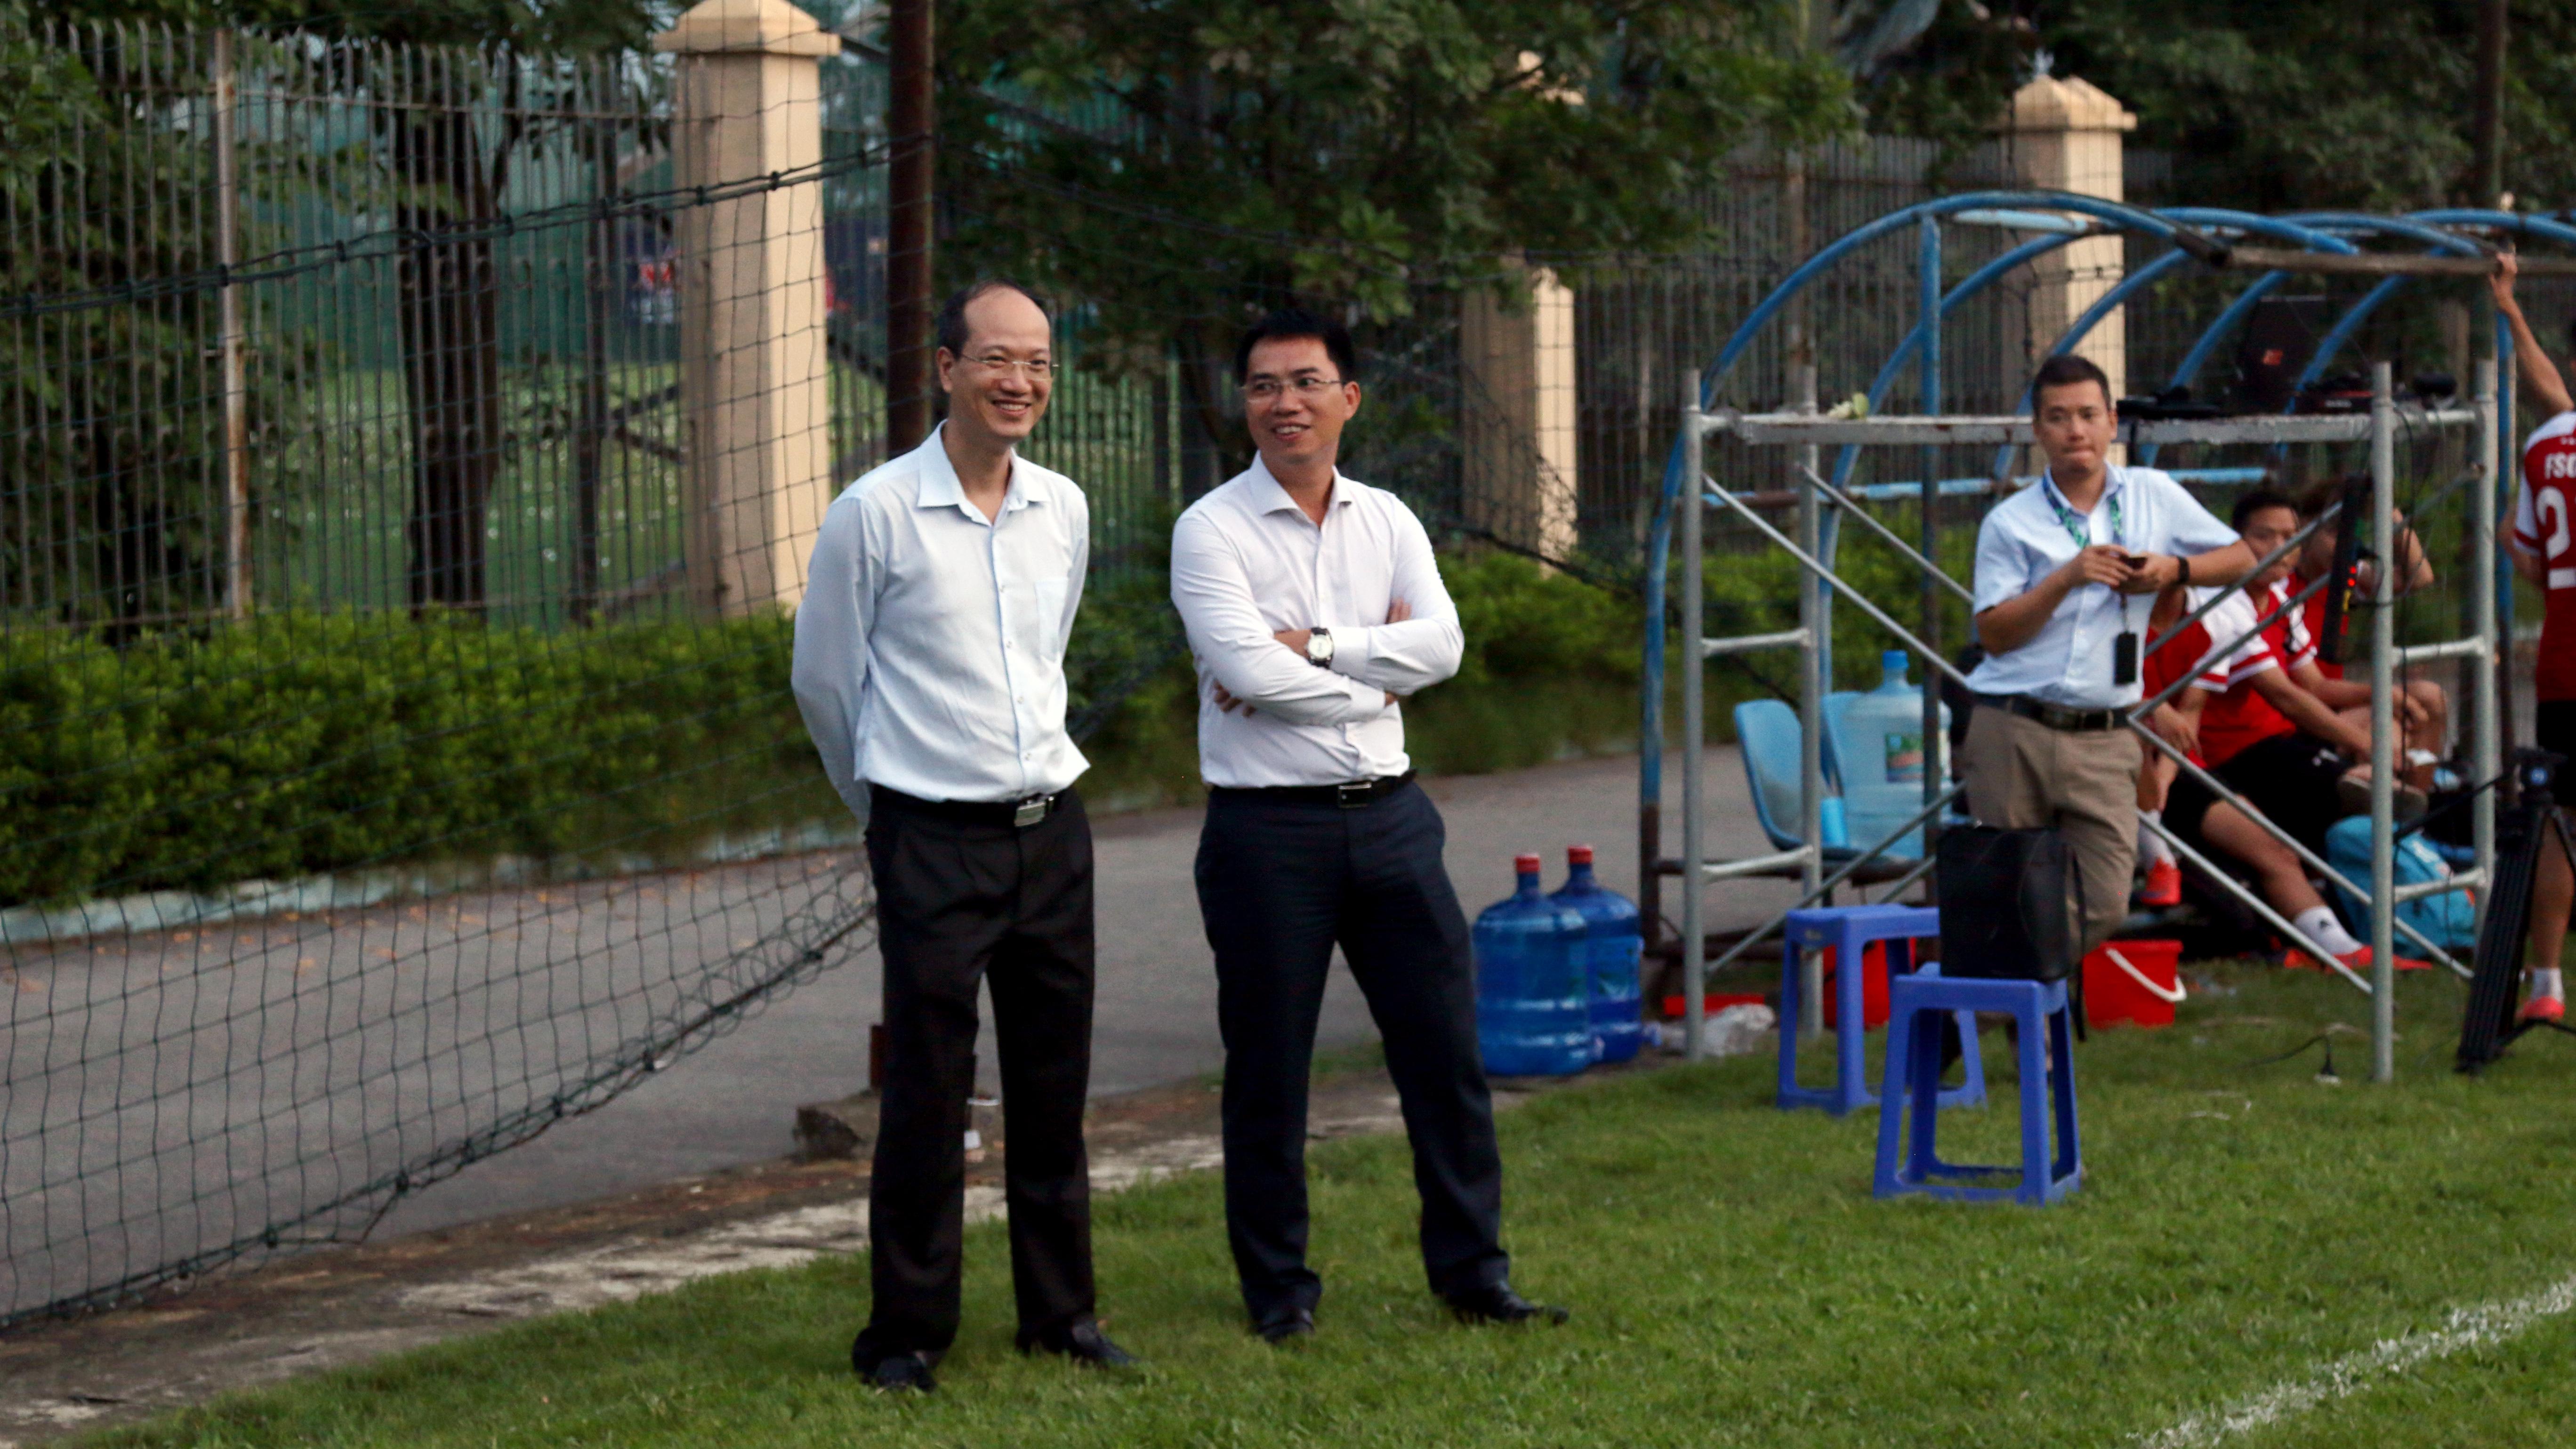 Vòng cuối giải bóng đá FPT Cup có sự hiện diện của PTGĐ FPTNguyễn Thế Phương (bên trái) và PTGĐ kiêm Chủ tịch Công đoàn TP Bank Nguyễn Việt Anh.